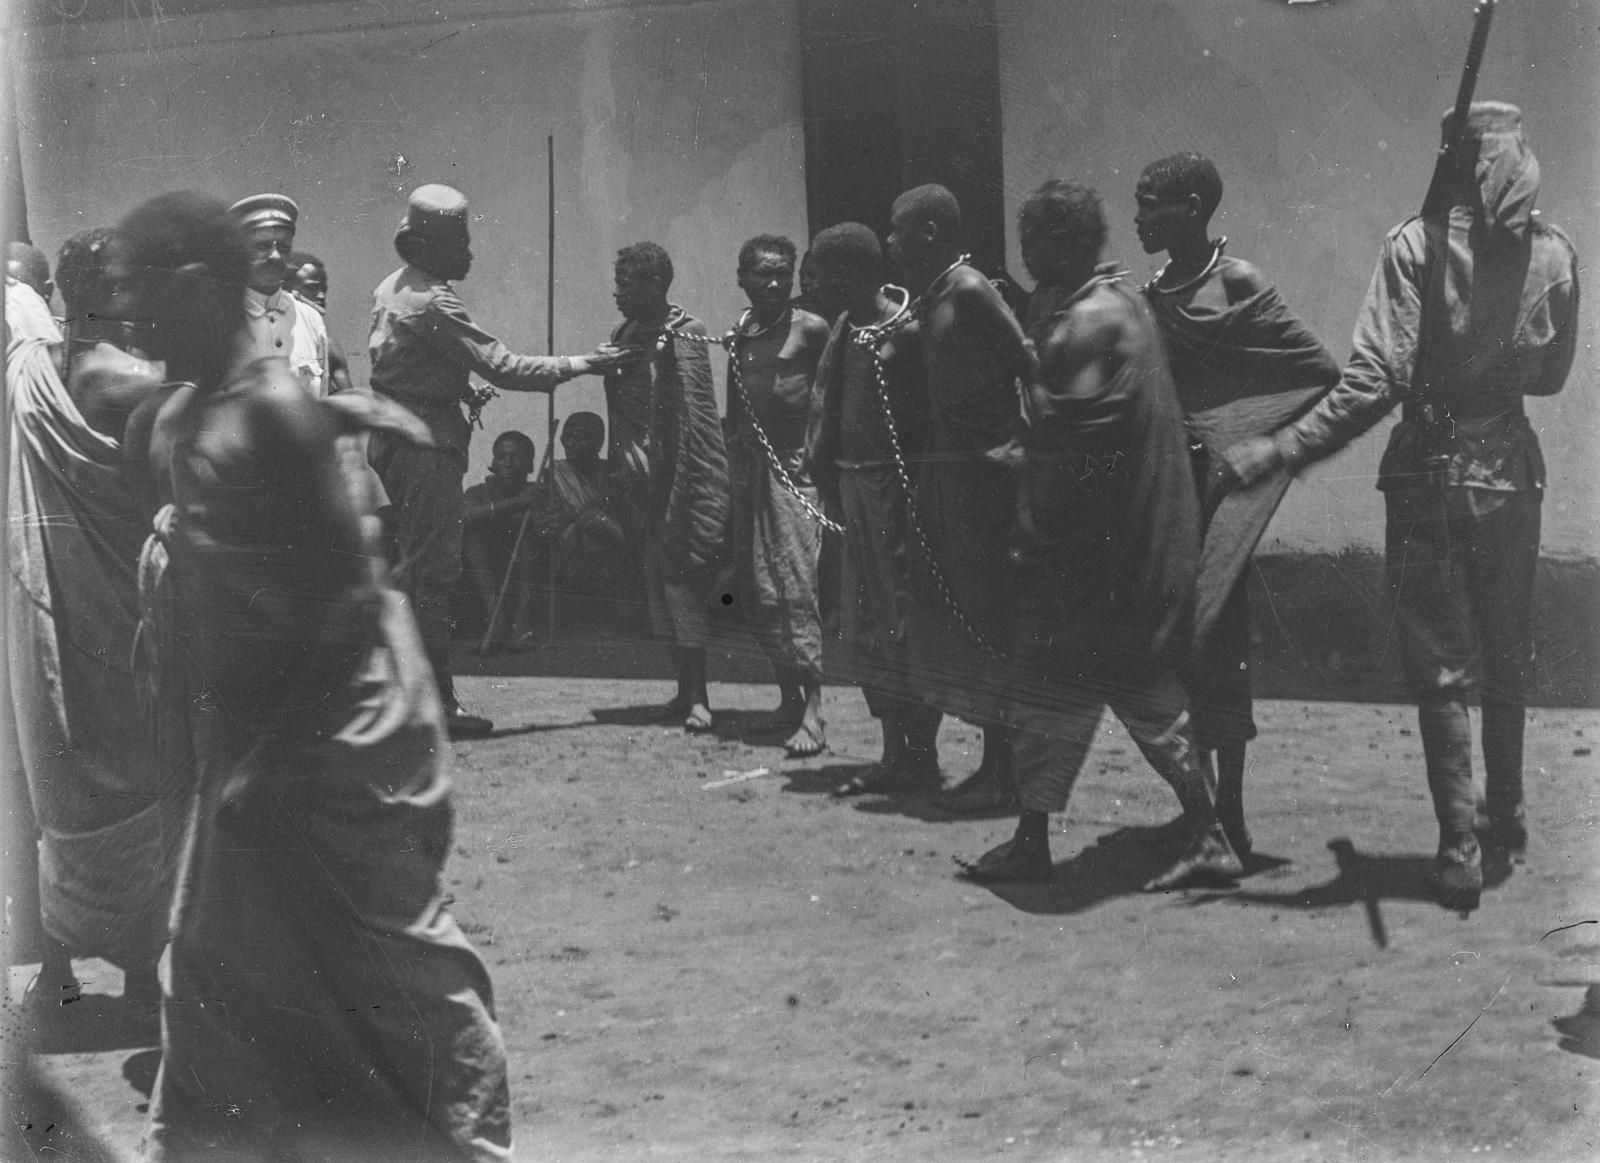 300. Станция немецкого общества Восточной Африки (ДОАГ)  в Моши. Солдаты немецких колониальных войск и заключенные в цепях